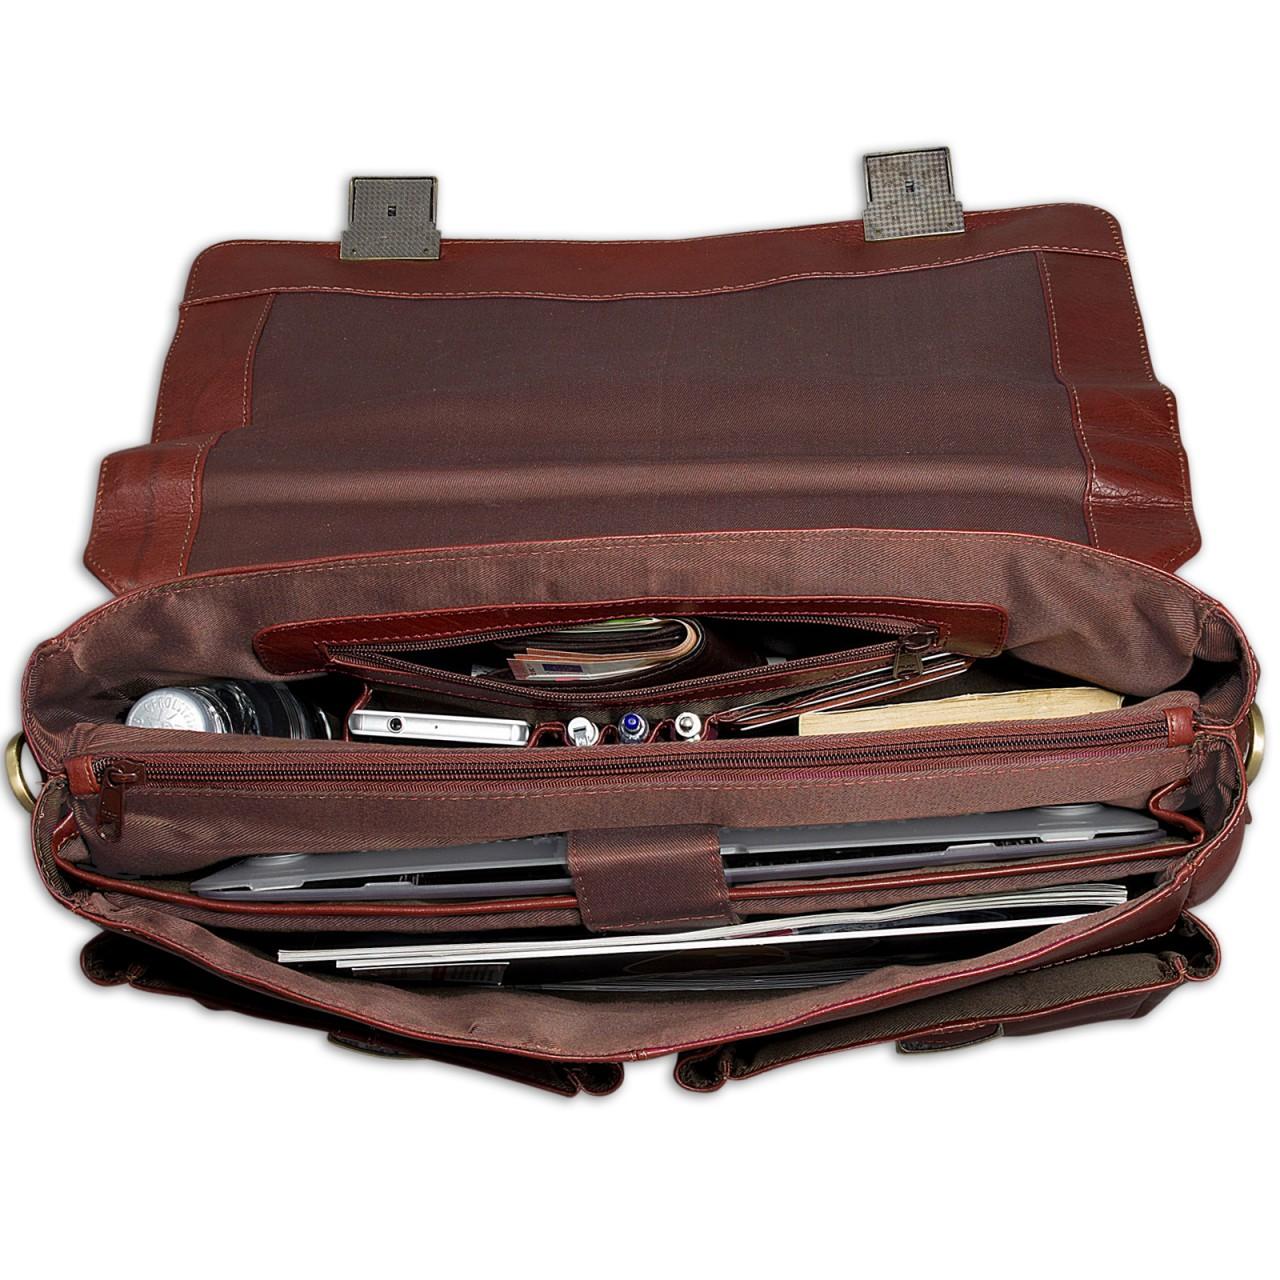 """STILORD """"Robin"""" Vintage Businesstasche Leder Aktentasche für Damen und Herren Schloss 15,6 Zoll Laptopfach elegante Umhängetasche aus echtem Leder  - Bild 4"""